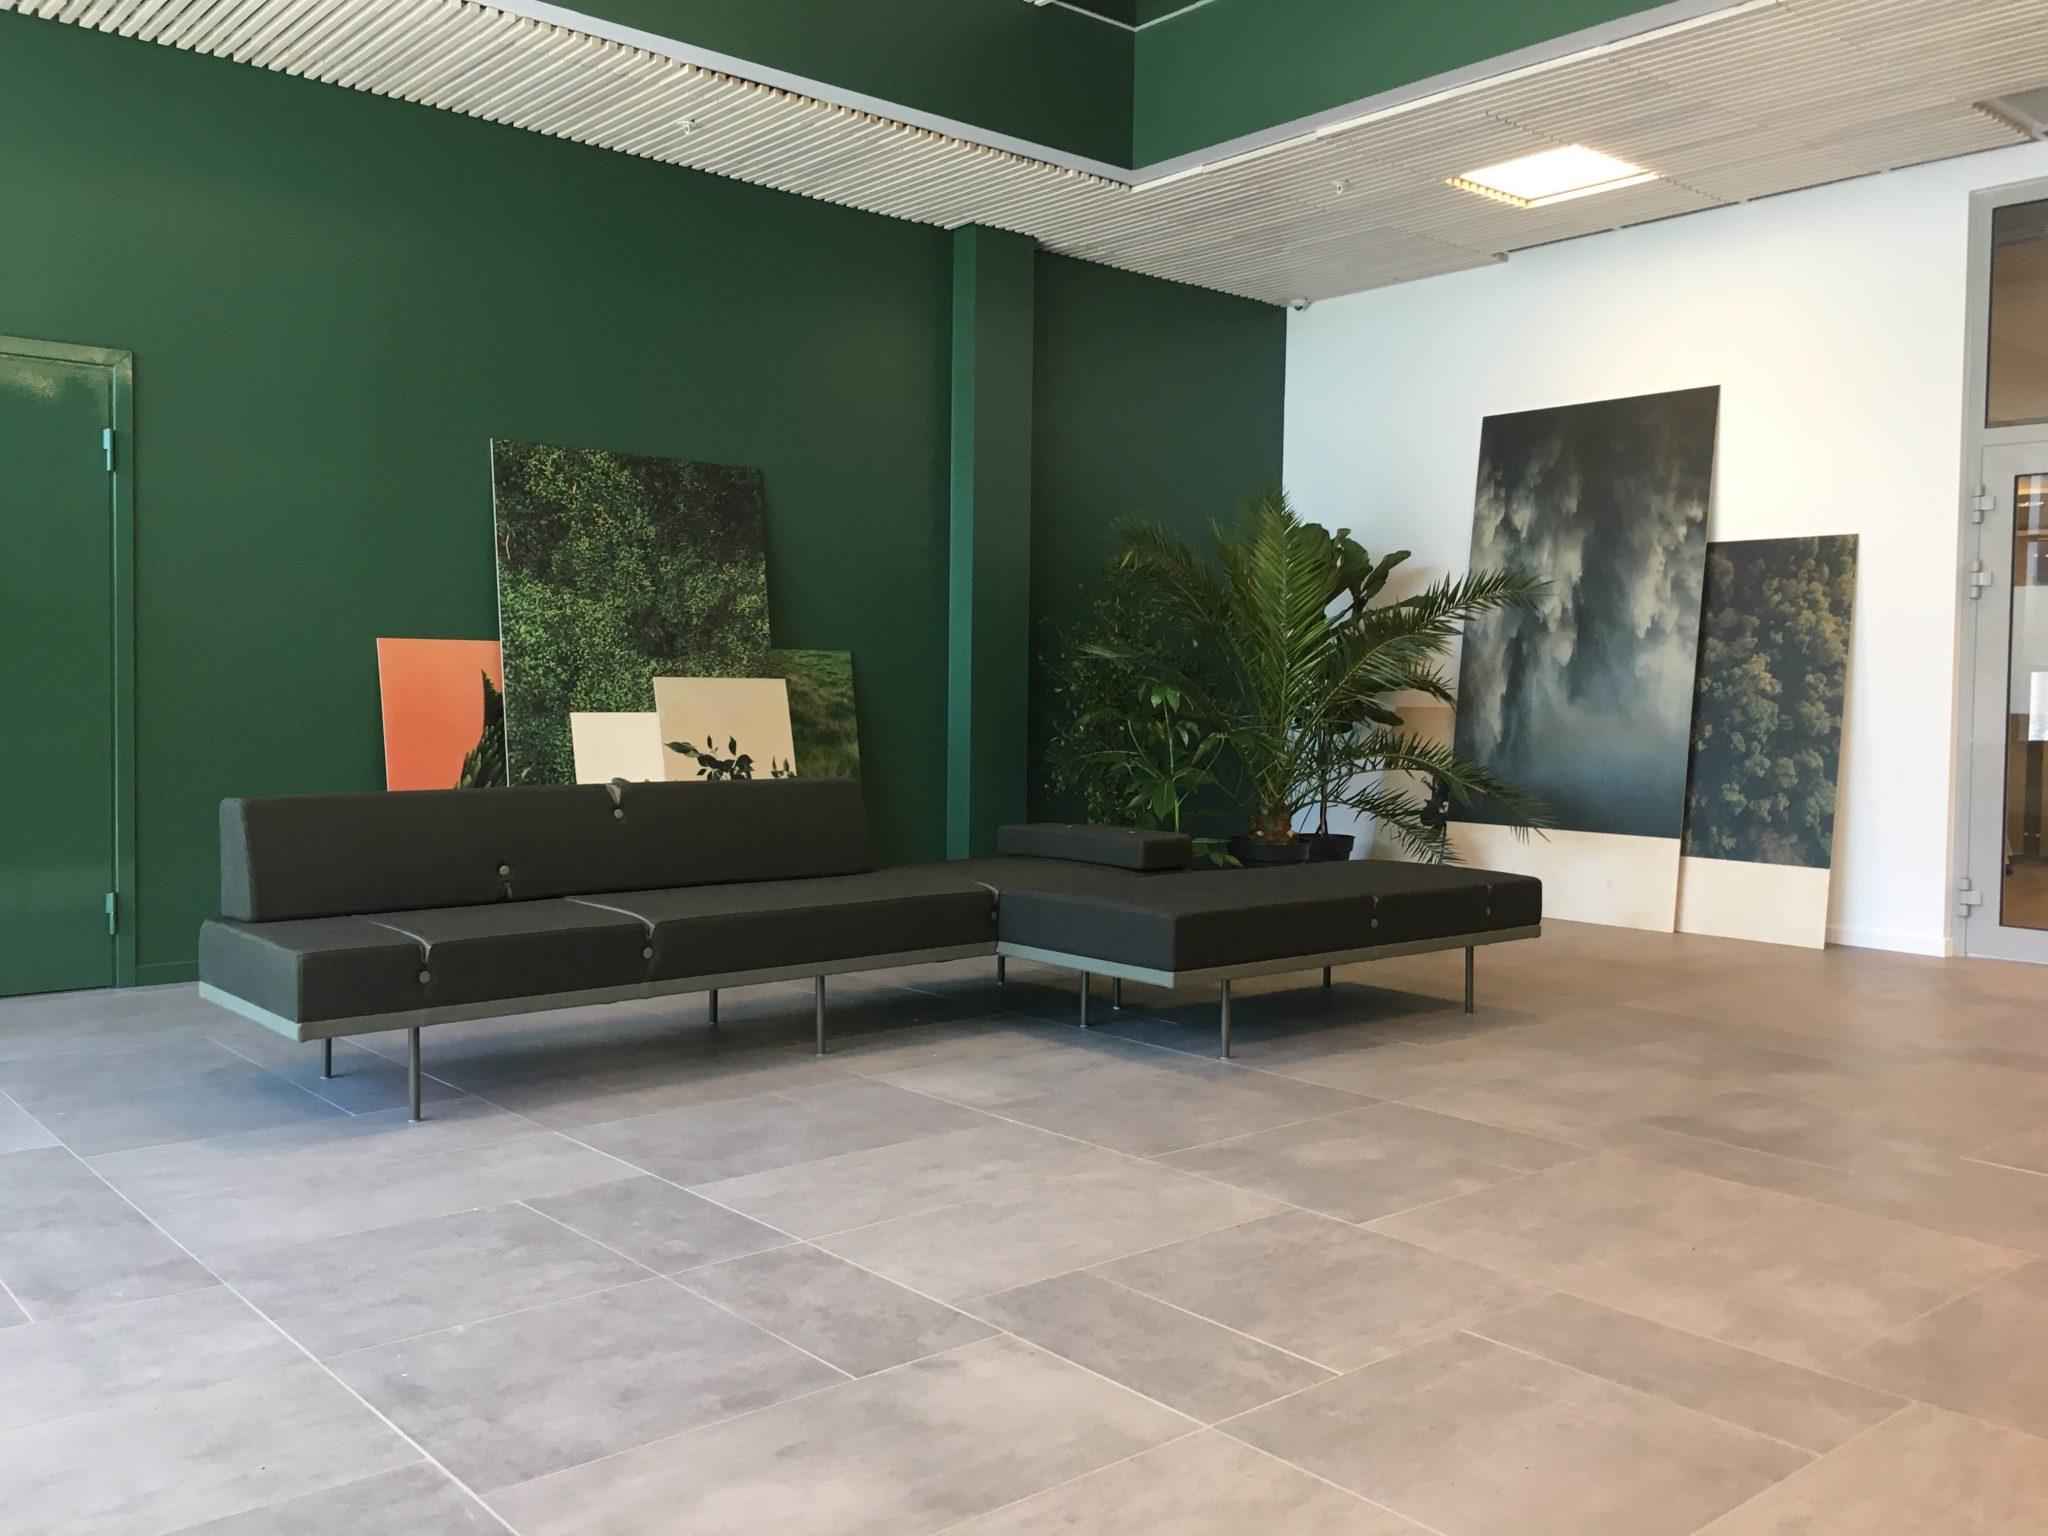 Sofaer, sittegrupper og paller